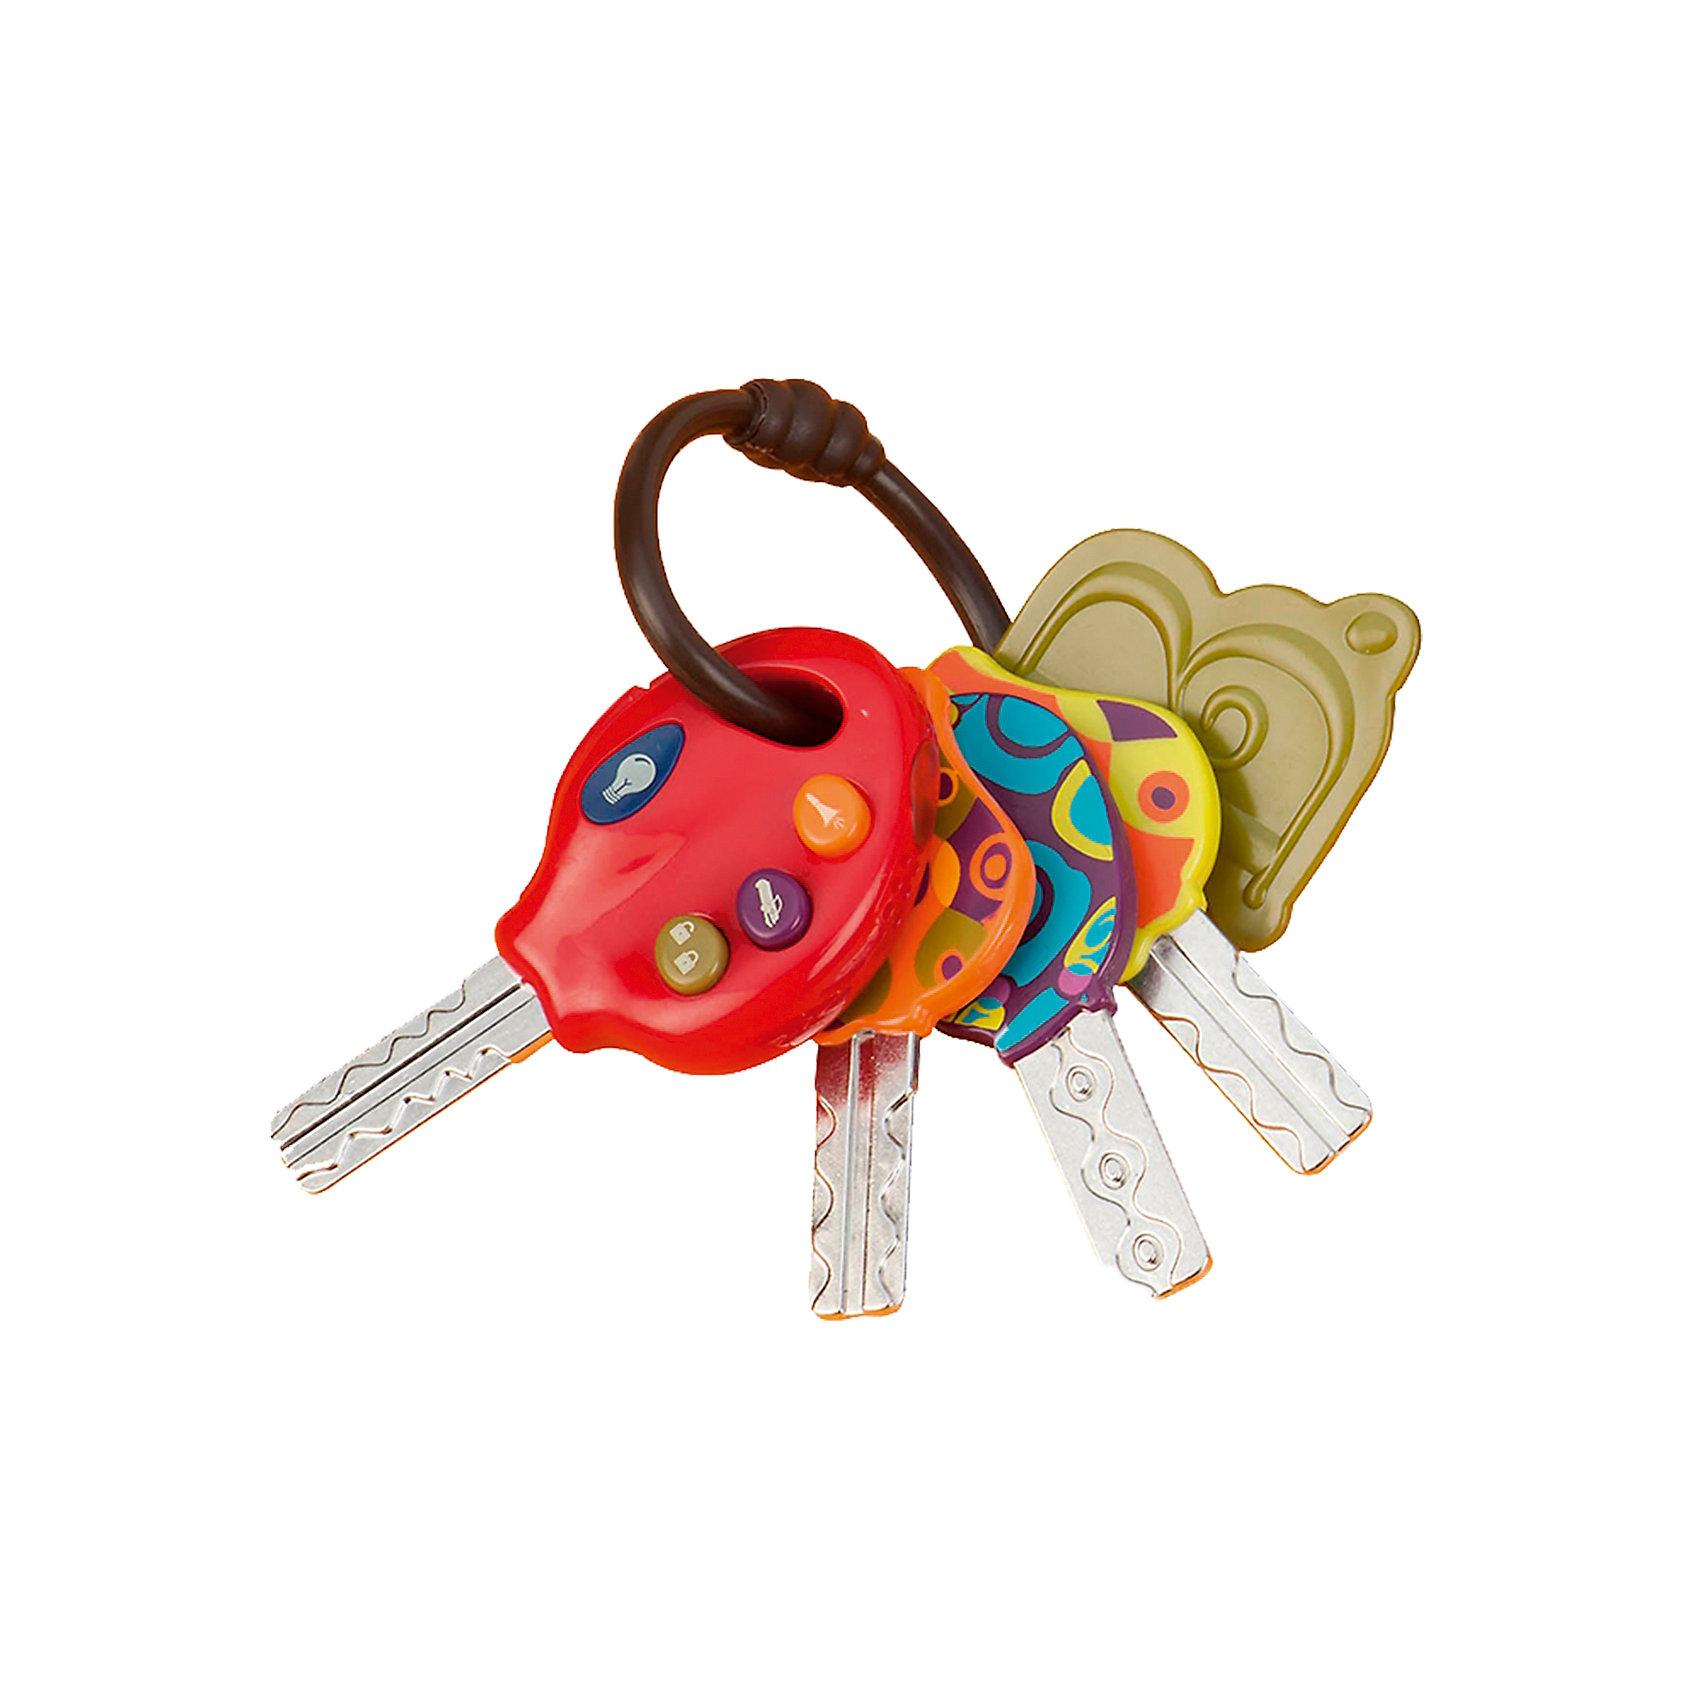 Набор электроных ключиков, B DOTПрорезыватели<br>Набор электроных ключиков, B DOT  (Би Дот)  ? игрушка от канадской компании Battat. Торговый бренд B DOT  (Би Дот) – это новое поколение игрушек, отличающихся своей многофункциональностью, реалистичностью и экологически безопасными материалами. Набор ключиков предназначен для детей старше 1 года. <br>Набор электроных ключиков, B DOT  (Би Дот) – это 4 ключика на одном кольце. Каждый ключик имеет ярко раскрашенную головку и стержень, на который нанесены различные вдавленные узоры-линии, имитирующие рисунок настоящих ключей. На одном из ключей имеются кнопки, при нажатии на которые издаются различные звуки: звук открывающейся двери, звонок, гудок и зажигание автомобиля. Также на ключе при нажатии на кнопки начинают мигать огоньки. На кольце вместе с ключами имеется прорезыватель для зубов. <br>Набор электроных ключиков, B DOT  (Би Дот)  способствует развитию тактильного восприятия, развивает воображение и фантазию.<br> <br>Дополнительная информация:<br><br>- Вид игр: обучающие, развивающие<br>- Предназначение: для дома<br>- Материал: пластик, нержавеющая сталь<br>- Комплектация: 4 ключа, прорезыватель, батарейки<br>- Батарейки: 2 шт. ААА<br>- Вес: 270 г<br>- Размер всей упаковки (Д*Ш*В): 21*6*16 см<br>- Особенности ухода: разрешается мыть в теплой мыльной воде<br><br>Подробнее:<br><br>• Для детей в возрасте: от 3 лет<br>• Страна производитель: Китай<br>• Торговый бренд: B DOT<br><br>Набор электроных ключиков, B DOT  (Би Дот)  можно купить в нашем интернет-магазине.<br><br>Ширина мм: 15<br>Глубина мм: 21<br>Высота мм: 6<br>Вес г: 300<br>Возраст от месяцев: 5<br>Возраст до месяцев: 2147483647<br>Пол: Унисекс<br>Возраст: Детский<br>SKU: 4871797